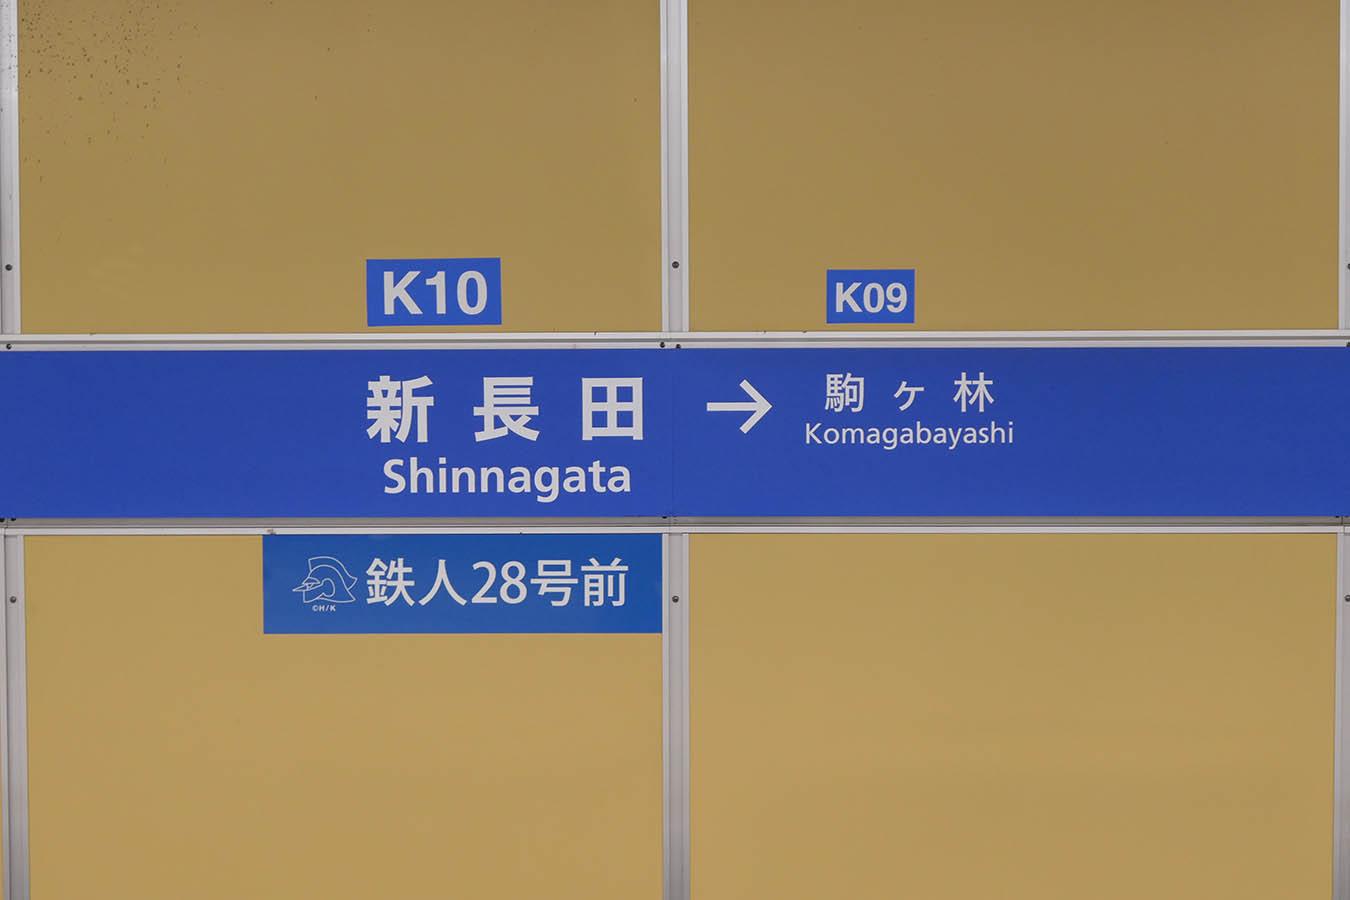 K10_photo05.jpg